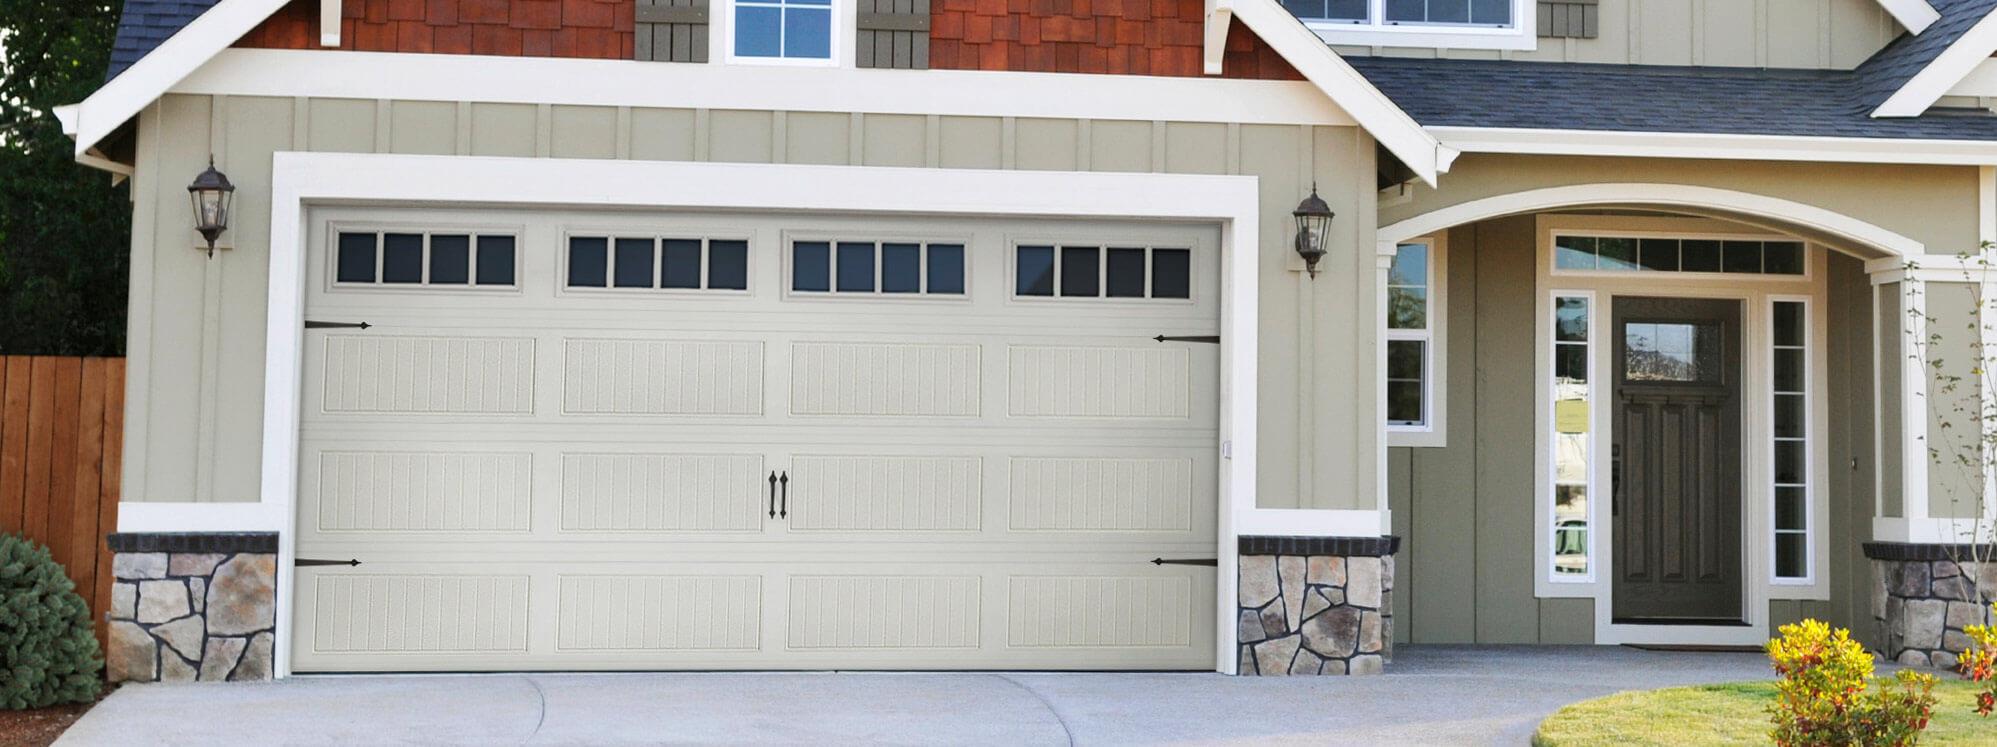 Baltimore Garage Door image 0